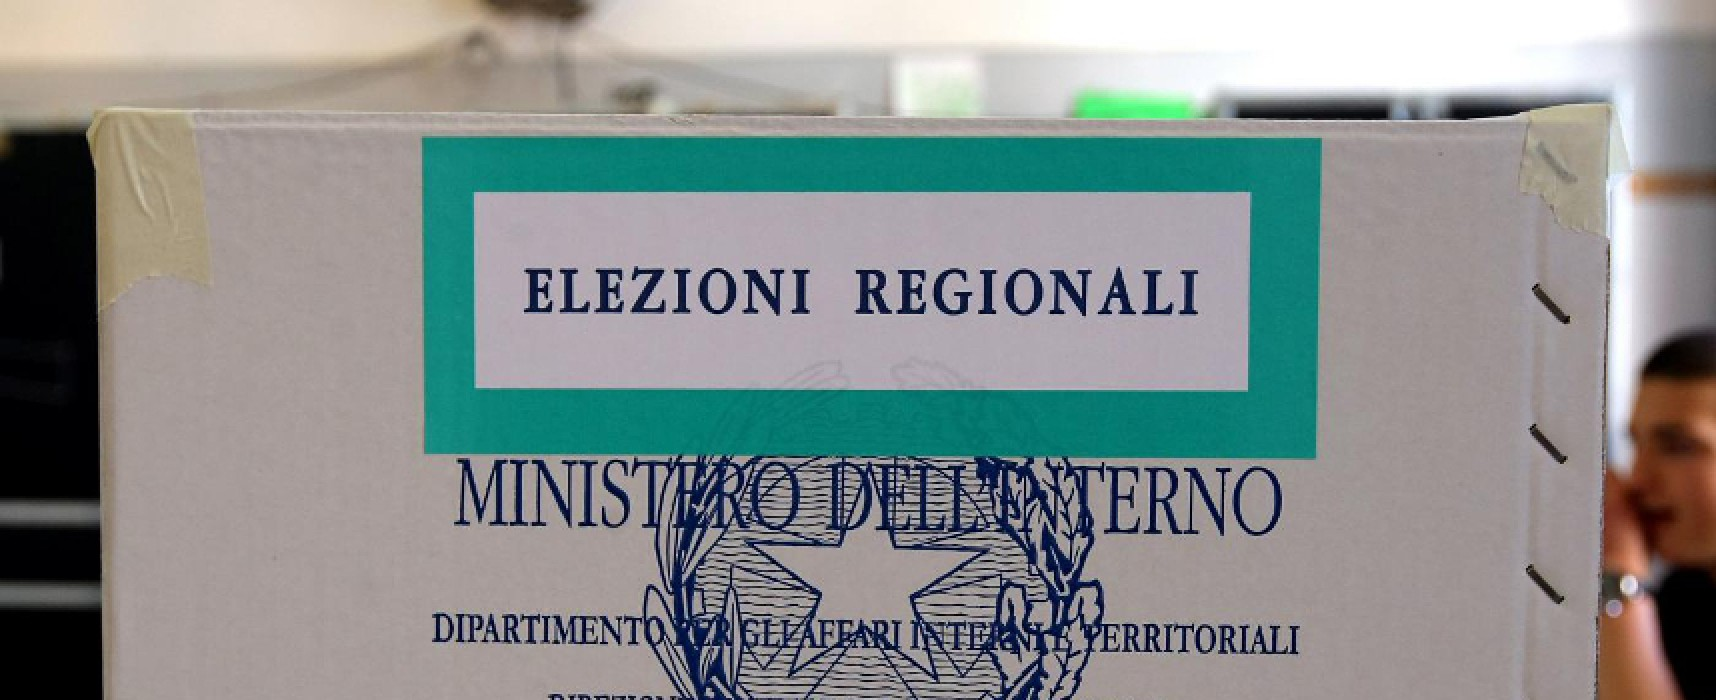 Elezioni regionali, a Bisceglie affluenza del 39.25%. Drastico calo del 16% rispetto alle regionali del 2010